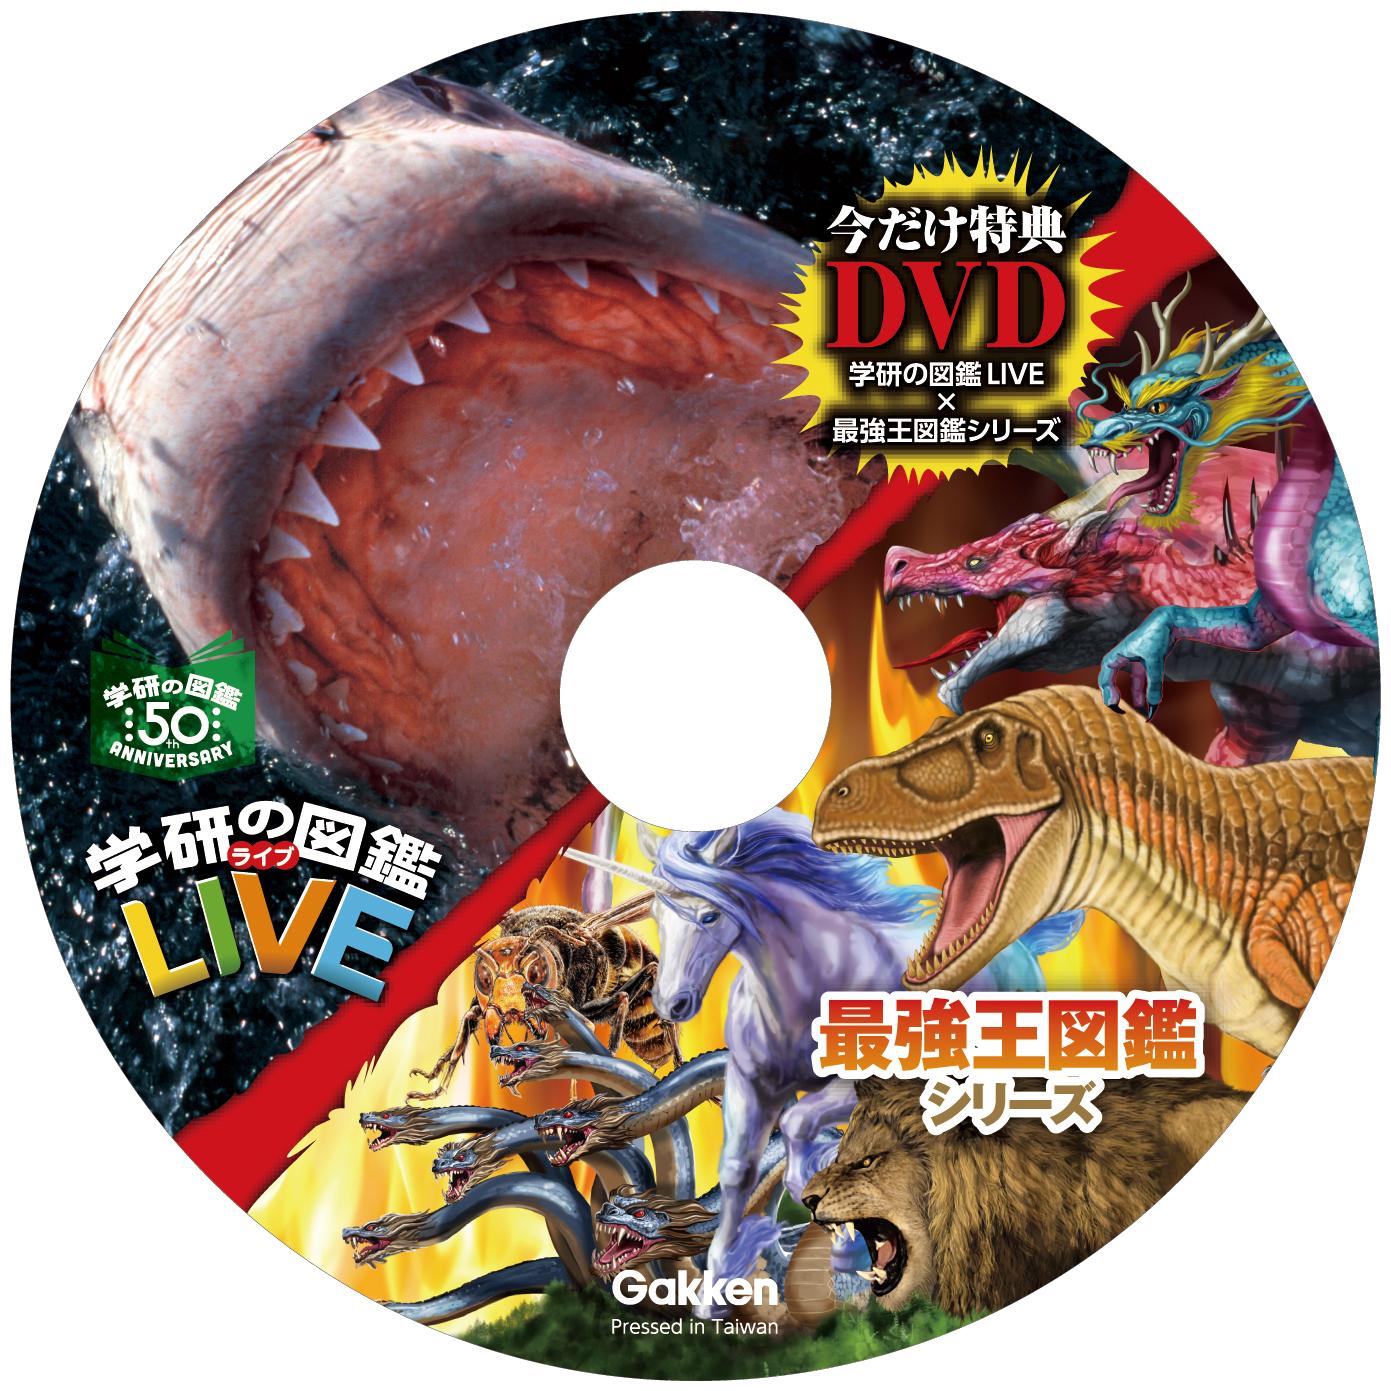 「最強王図鑑シリーズ」のバトル映像と、ハイクオリティーで迫力のある「学研の図鑑LIVE」の映像 DVD